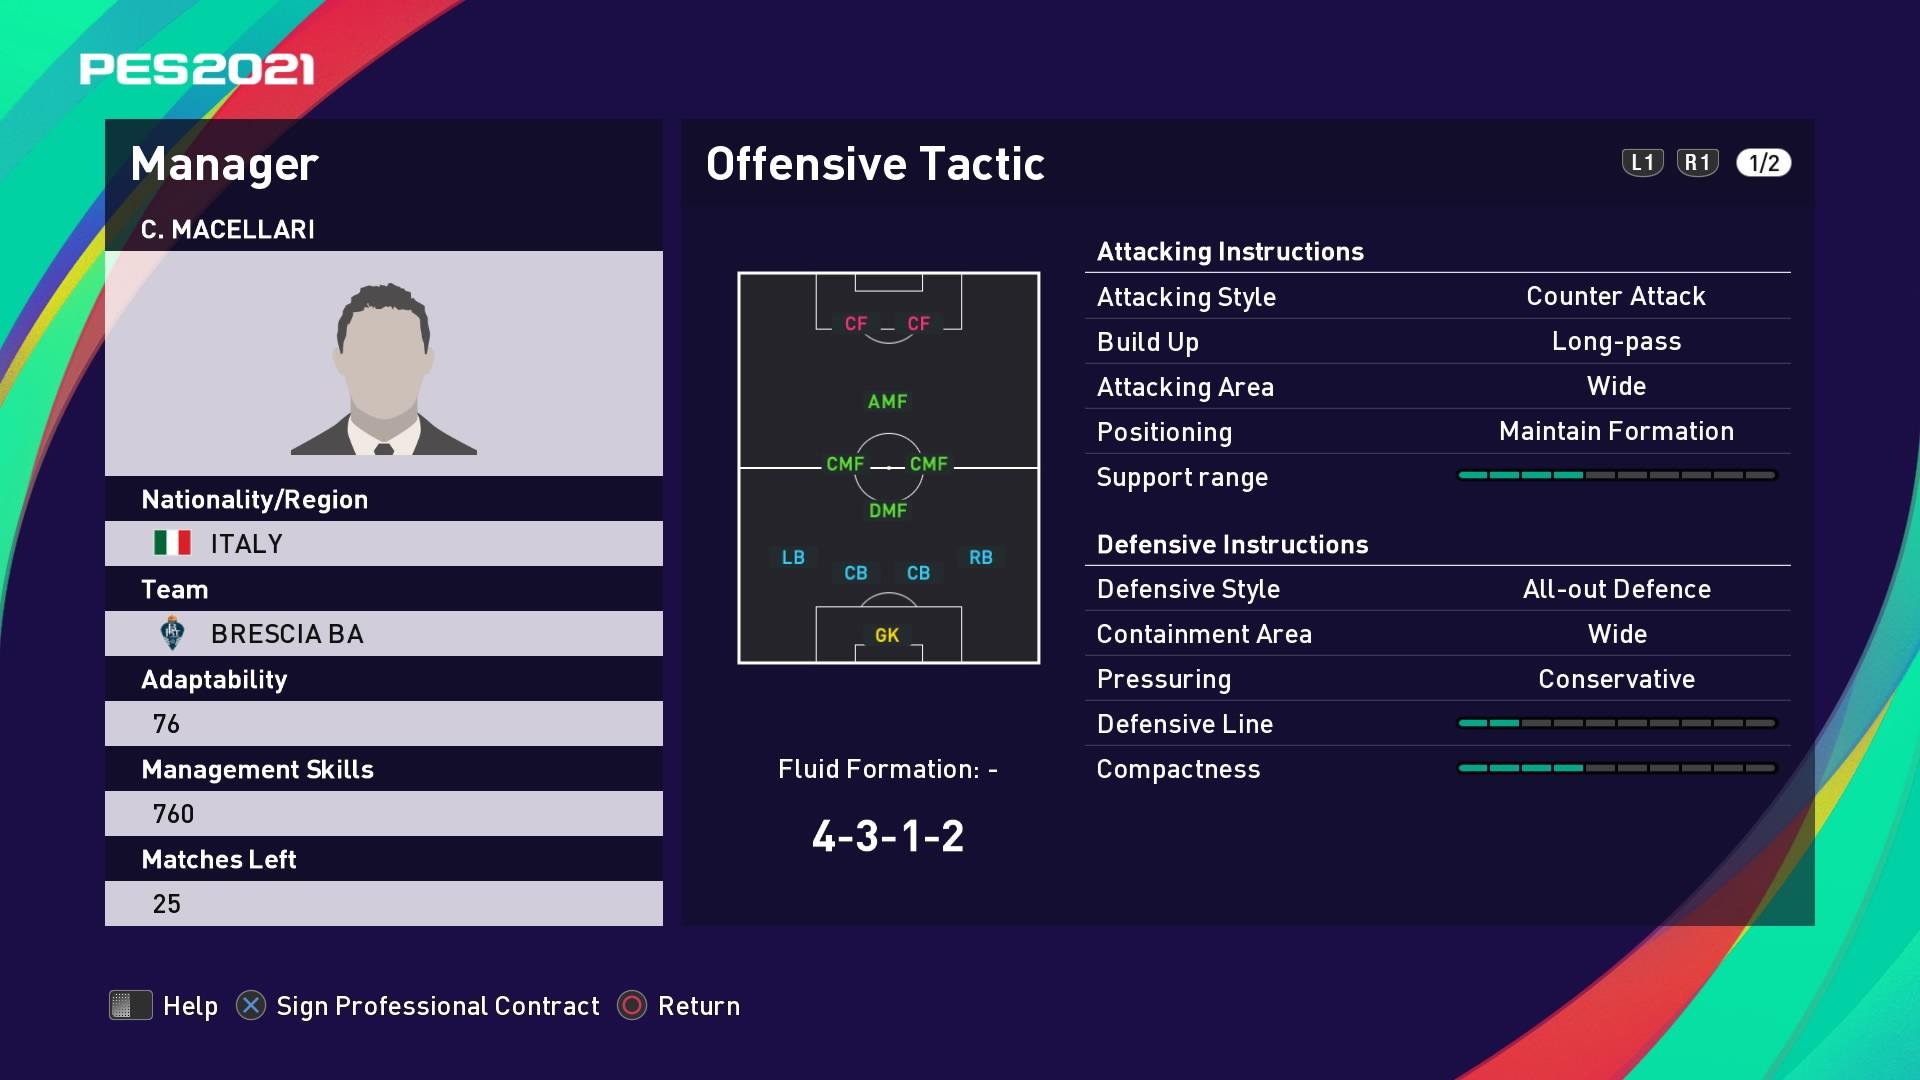 C. Macellari (Luigi Delneri) Offensive Tactic in PES 2021 myClub